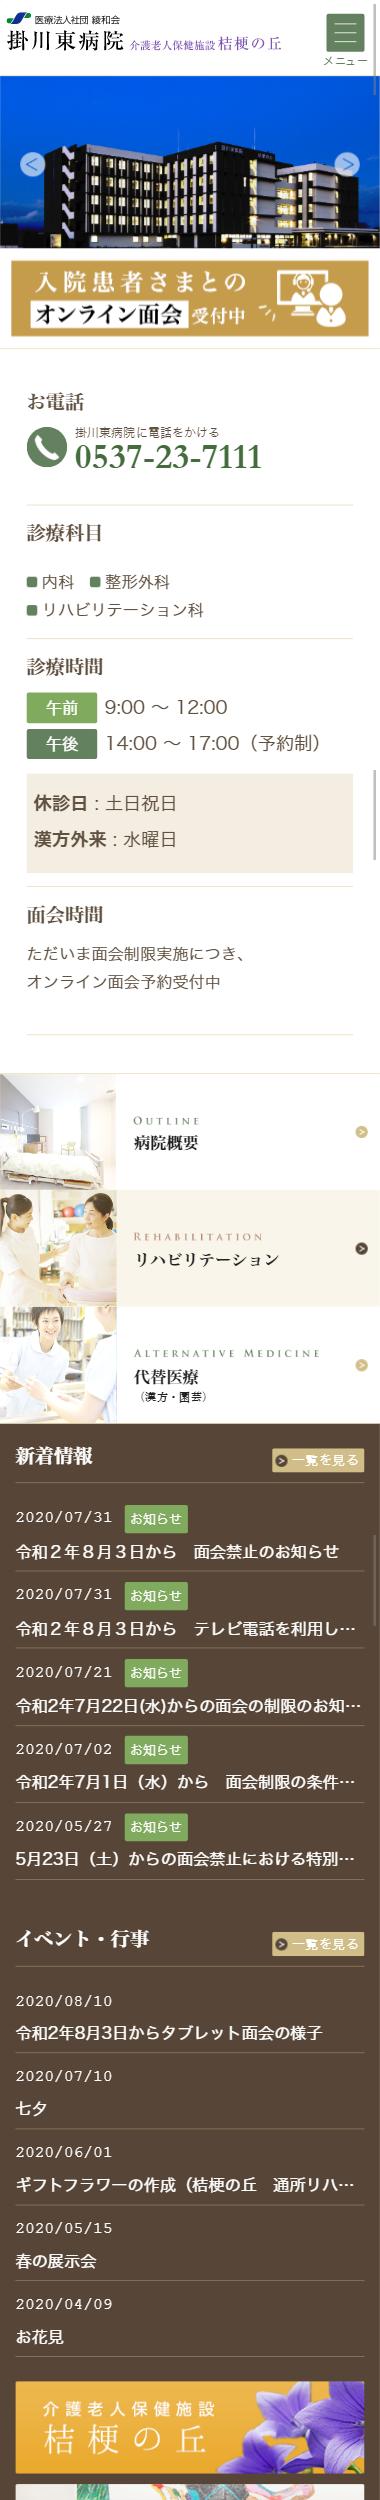 医療法人社団 綾和会 掛川東病院様